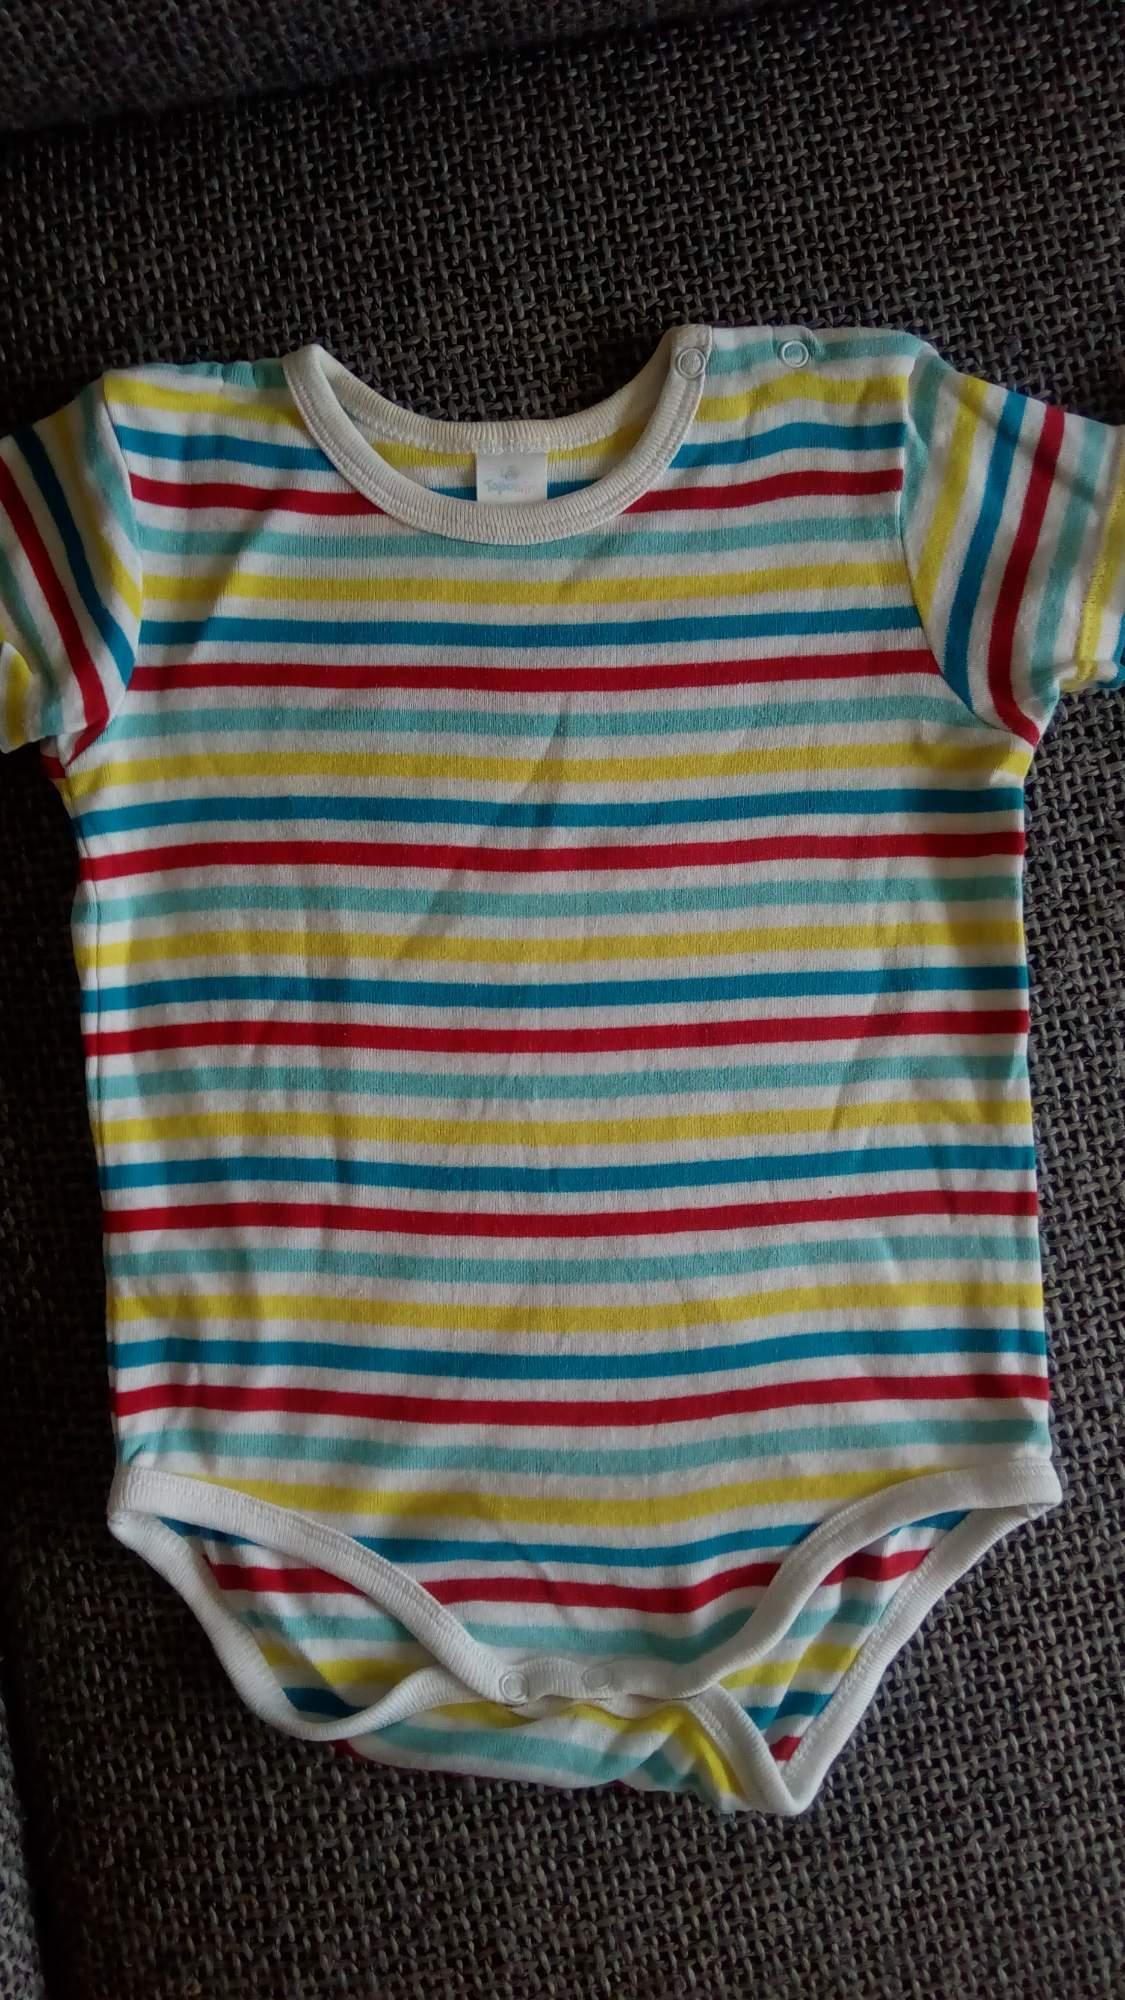 c8d687c2e72 Bazar dětské oblečení vel. 80 – janule7 – album na Rajčeti